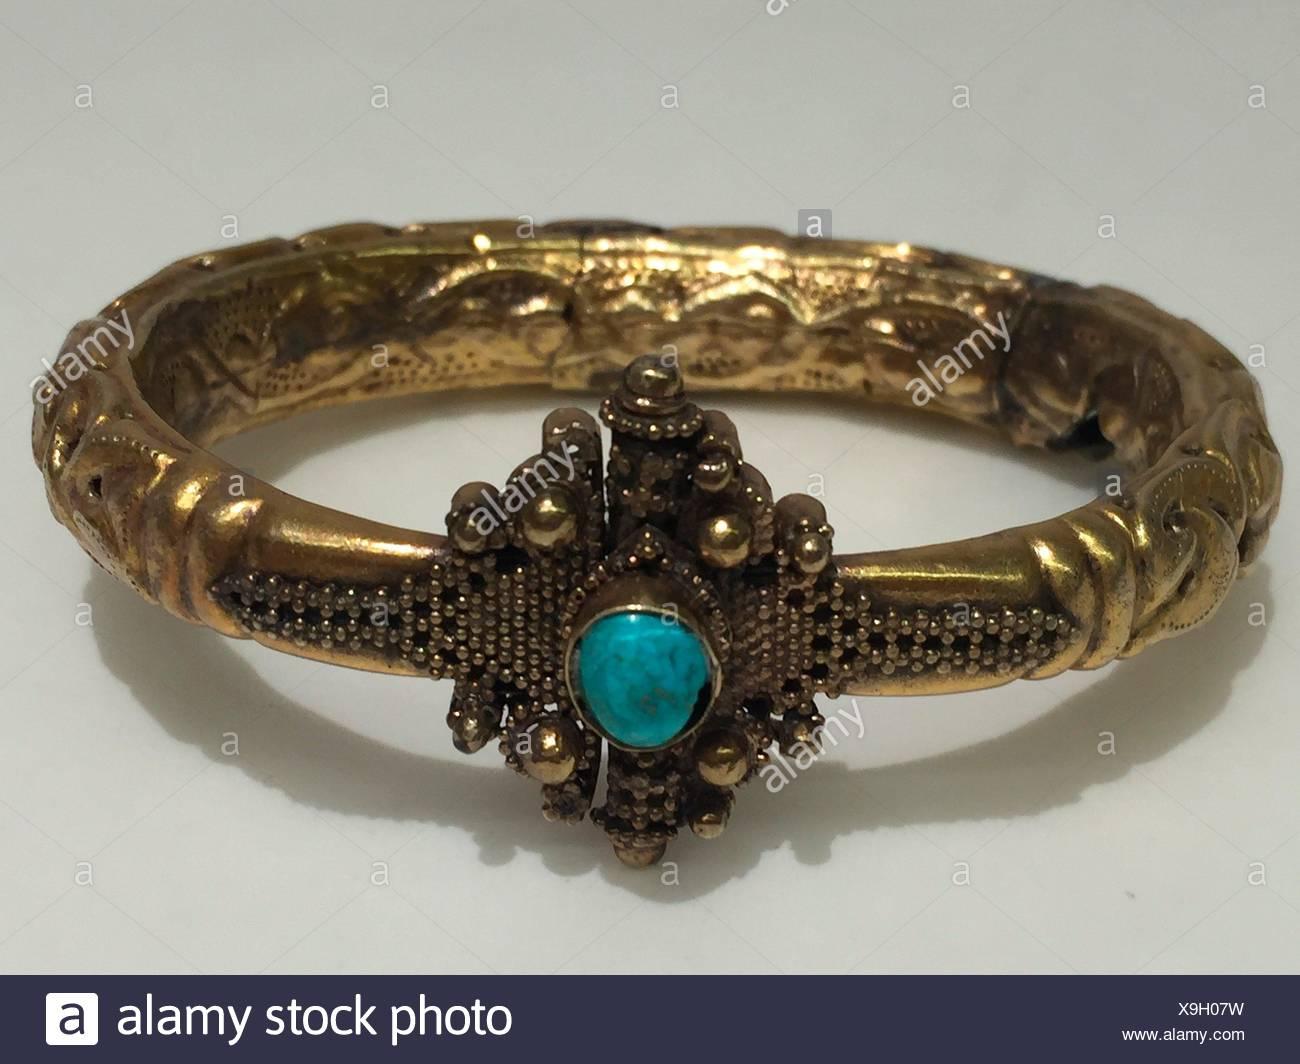 Brazalete. Fecha: 11th-12th century; Geografía: atribuido a Siria; Media: Oro, turquesa; Dimensiones: Diam. 2-7/8 (7,3 cm); Clasificación: Imagen De Stock